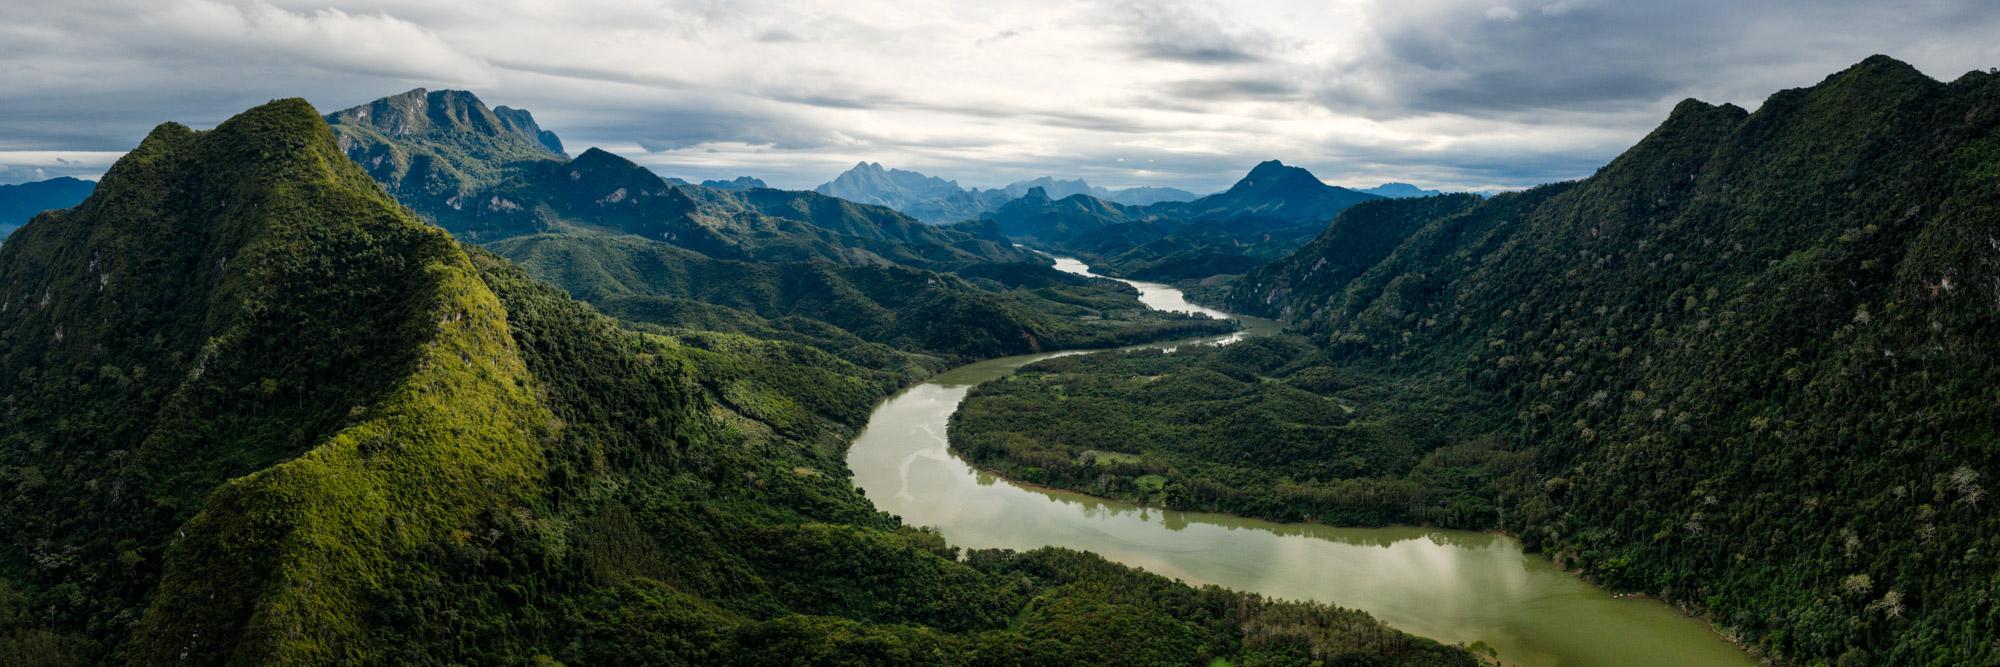 Nam Ou river Luang Prabang